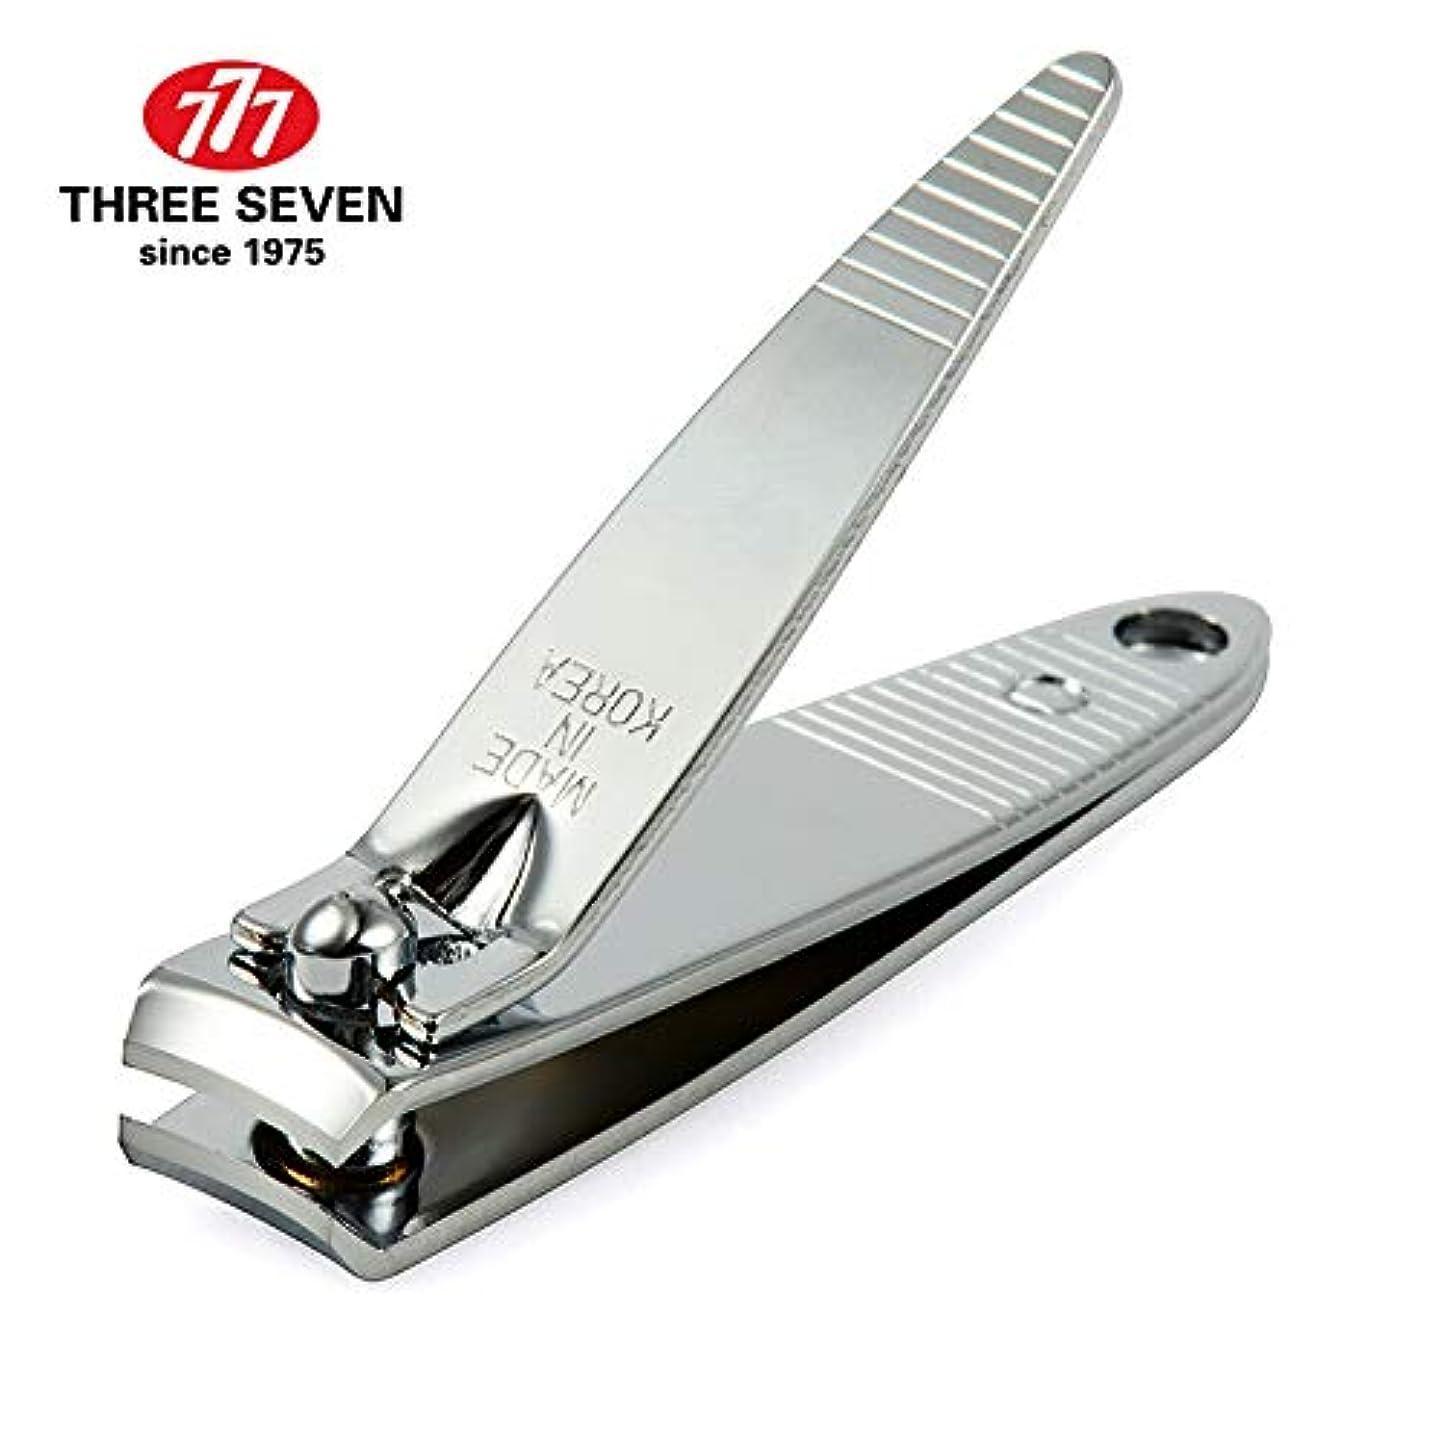 バドミントン杭異常777輸入爪切りセット爪切りユニークなネイルアートツール美容ギフトPN-602中銀穴付き